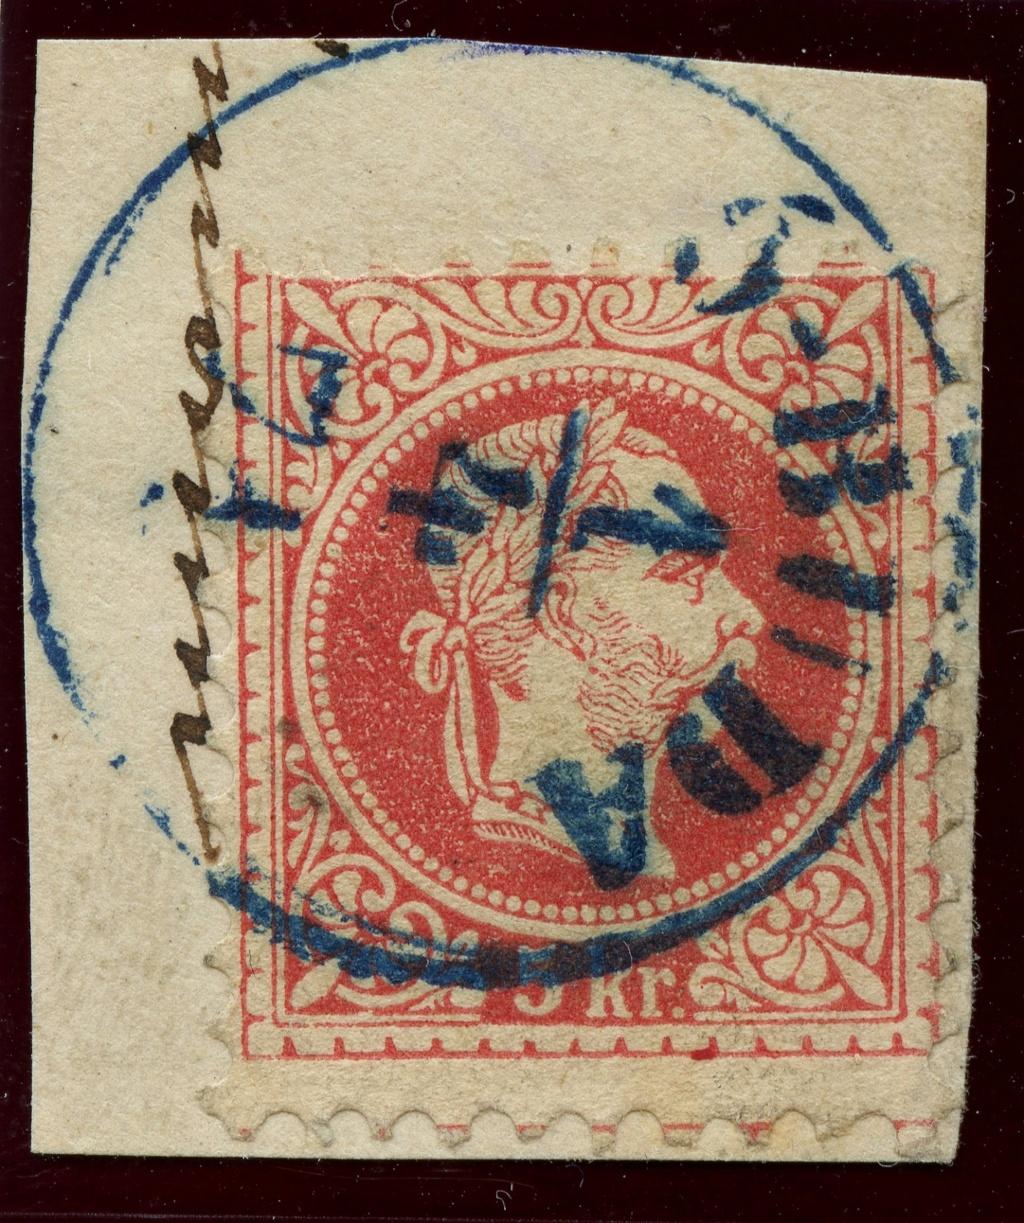 Freimarken-Ausgabe 1867 : Kopfbildnis Kaiser Franz Joseph I - Seite 20 Ank_3710